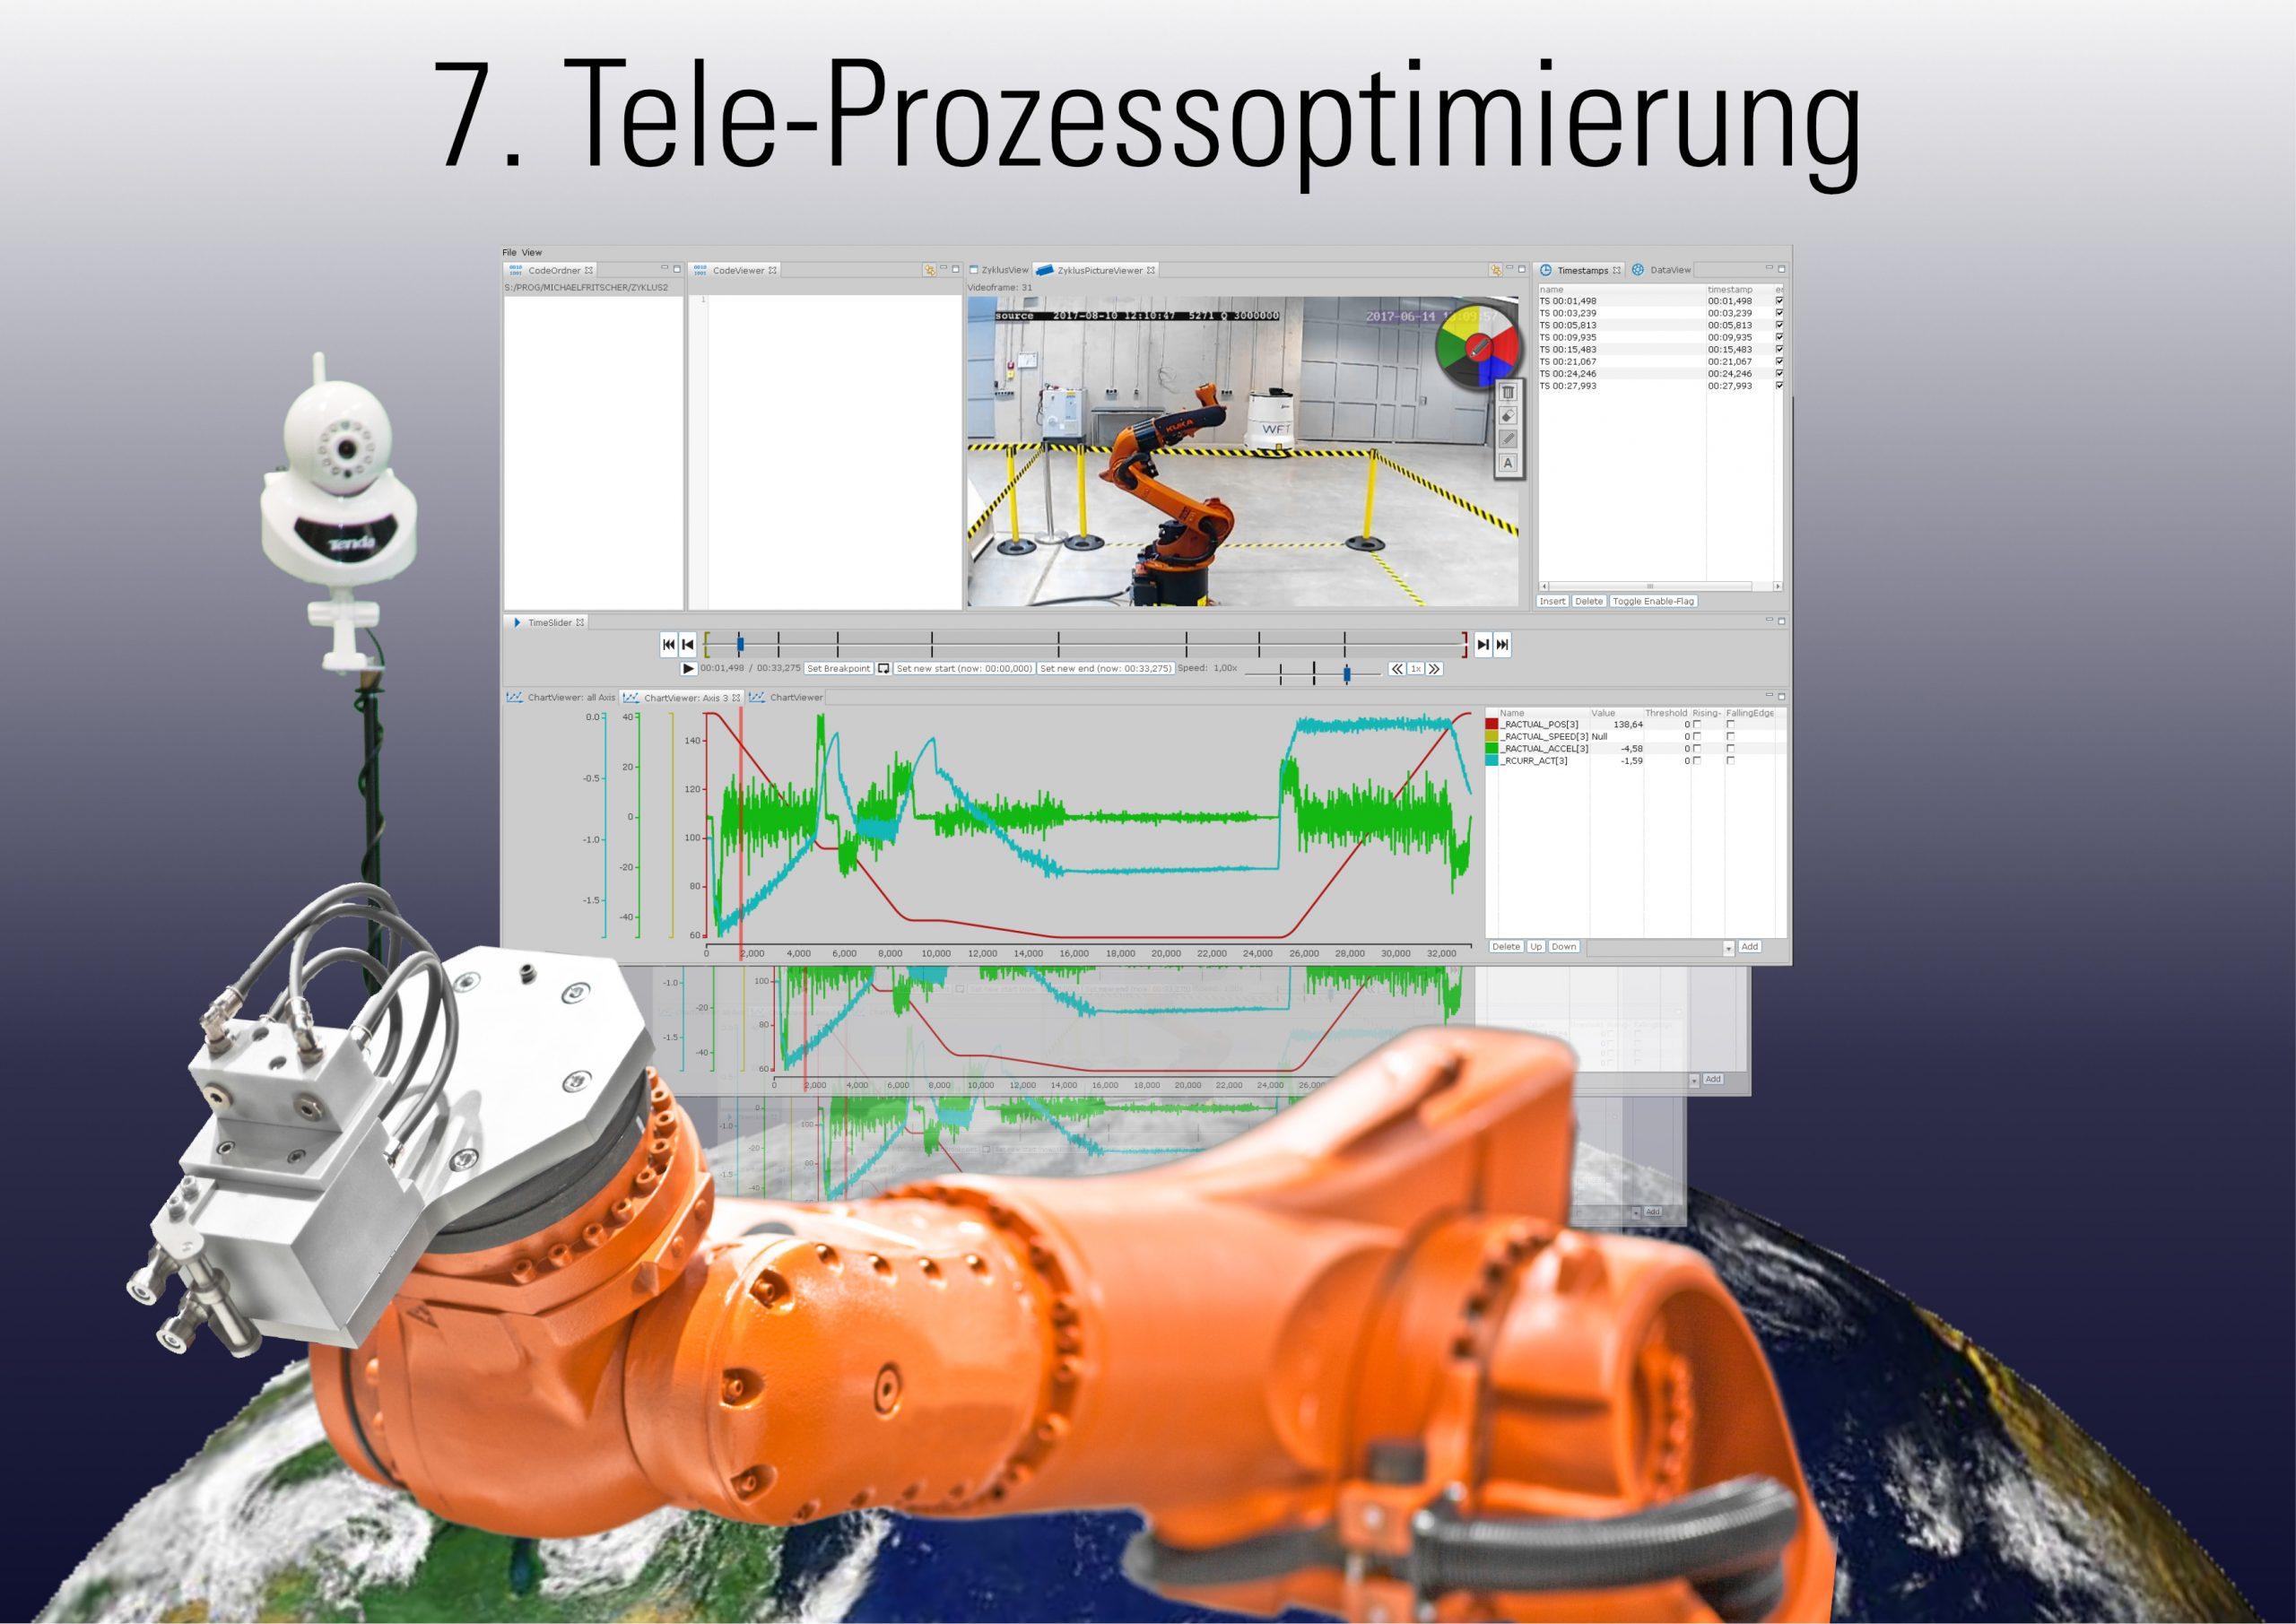 (Bild: ZfT- Zentrum für Telematik e. V.)